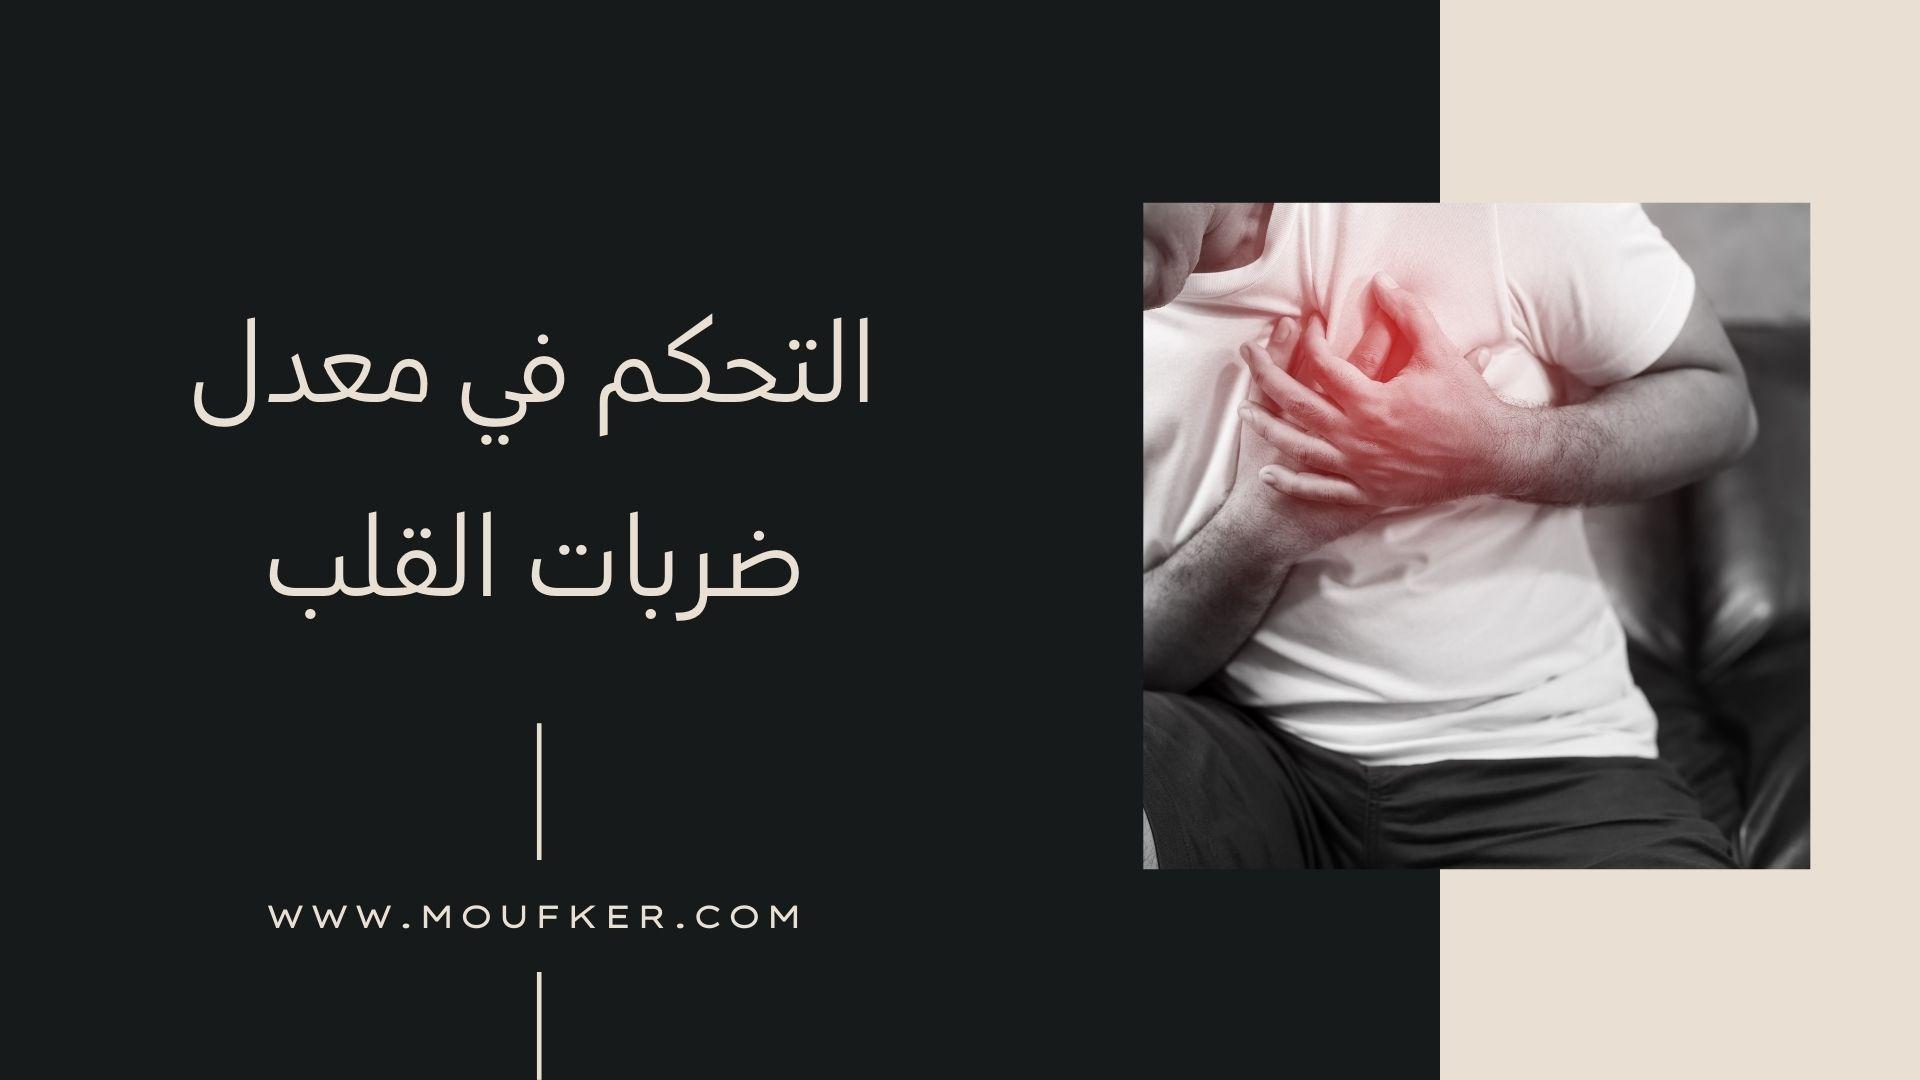 حجم هذا الجزء من الجسم قد يعني أن قلبك في خطر